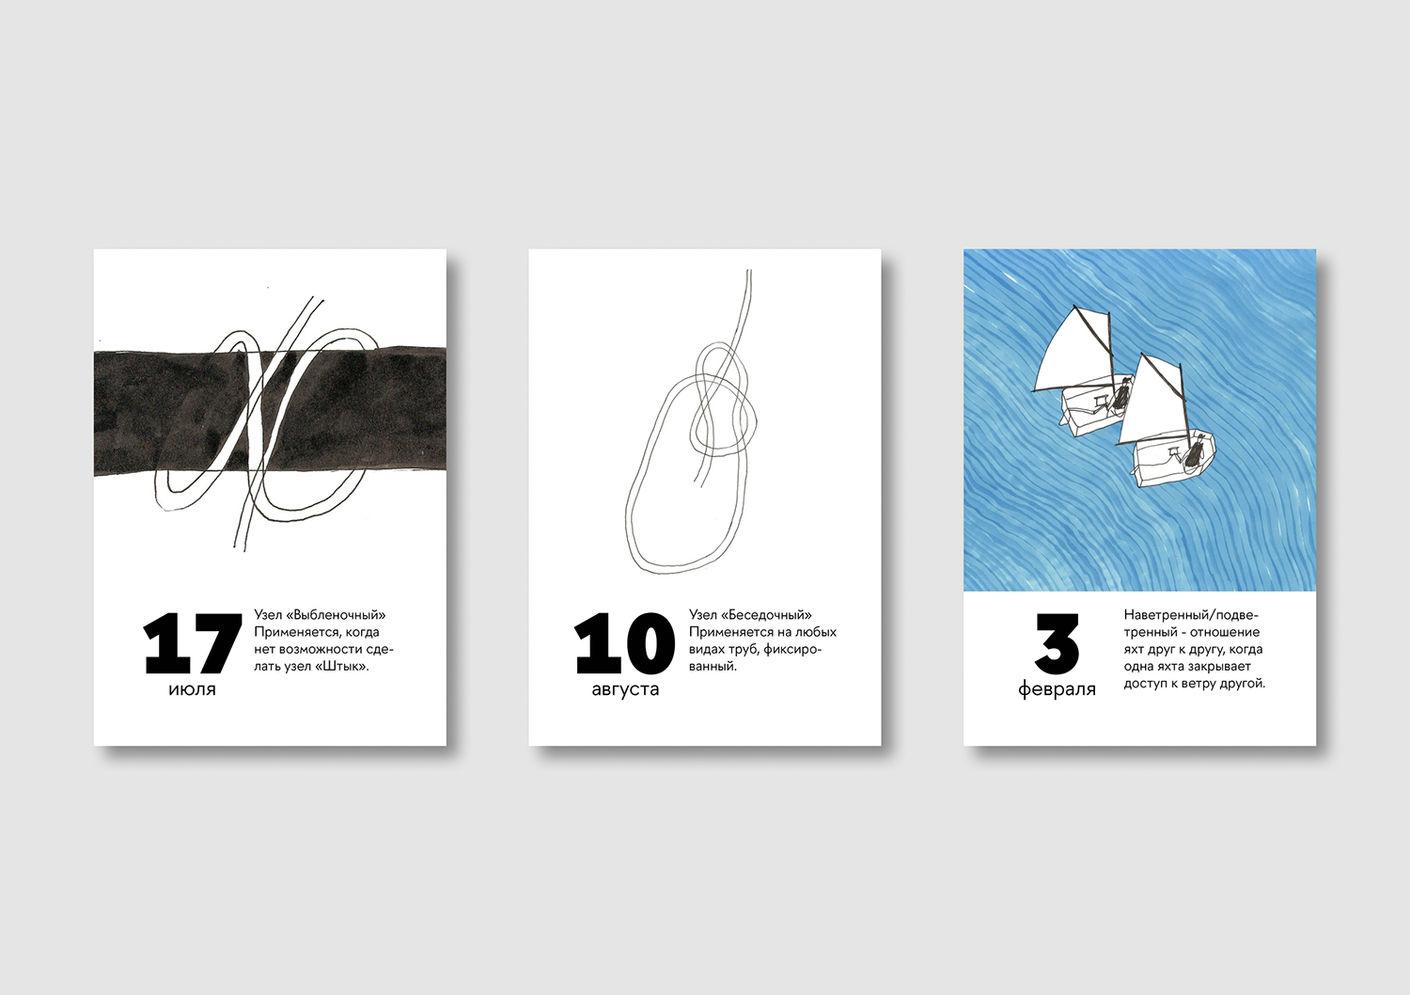 Календарь «Первый год в парусном спорте»